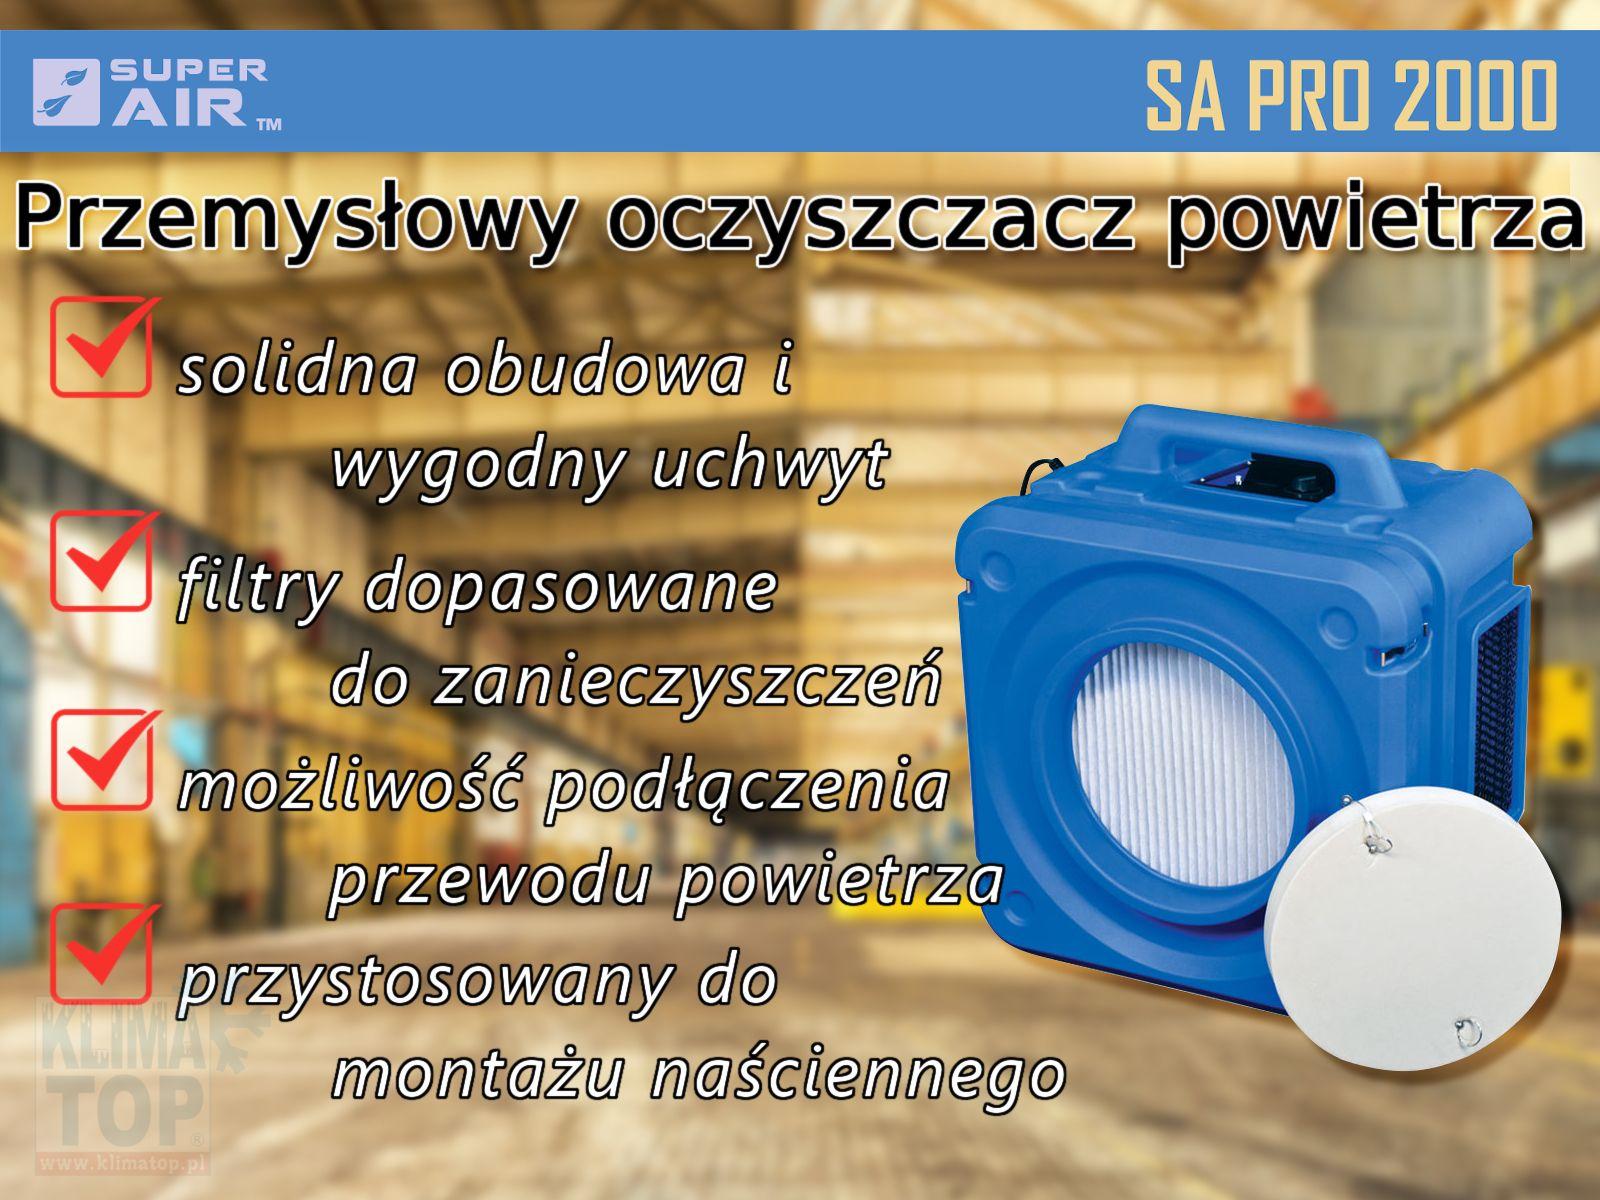 Super Air SA PRO2000 przemysłowy oczyszczacz powietrza